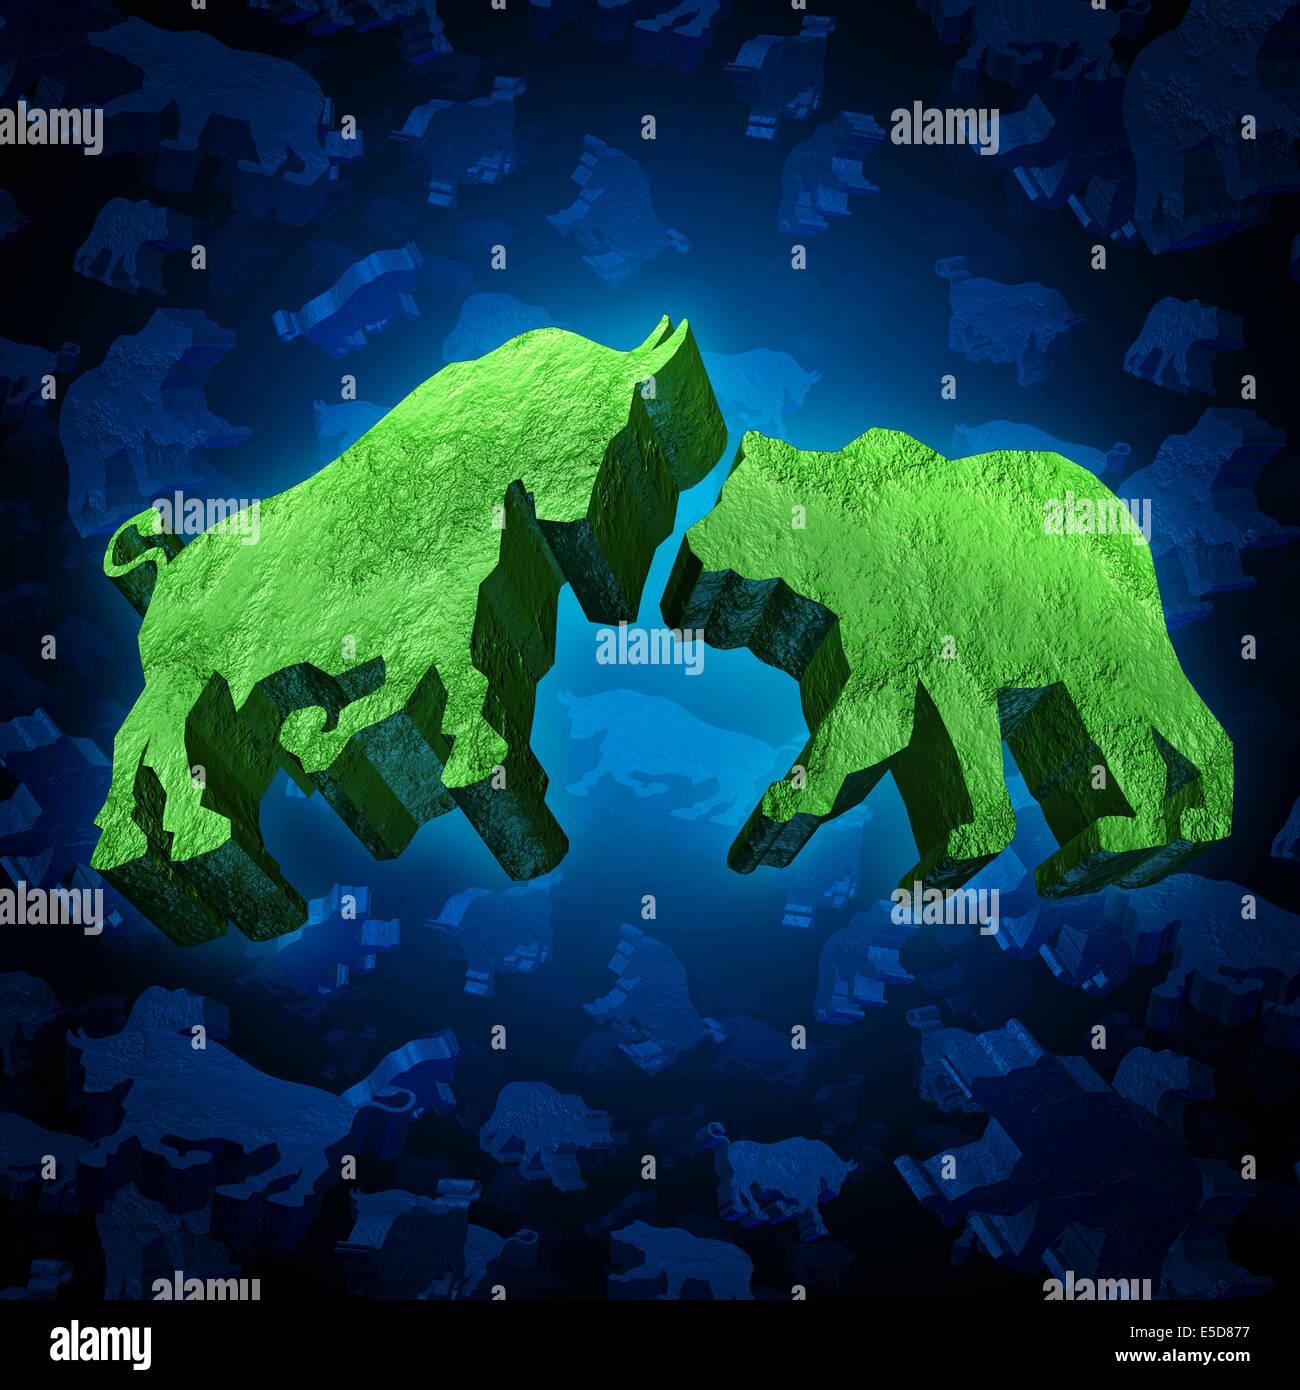 Il mercato azionario bull e bear investire simbolo come un gruppo di tre dimensioni icone commerciali come una nozione Immagini Stock